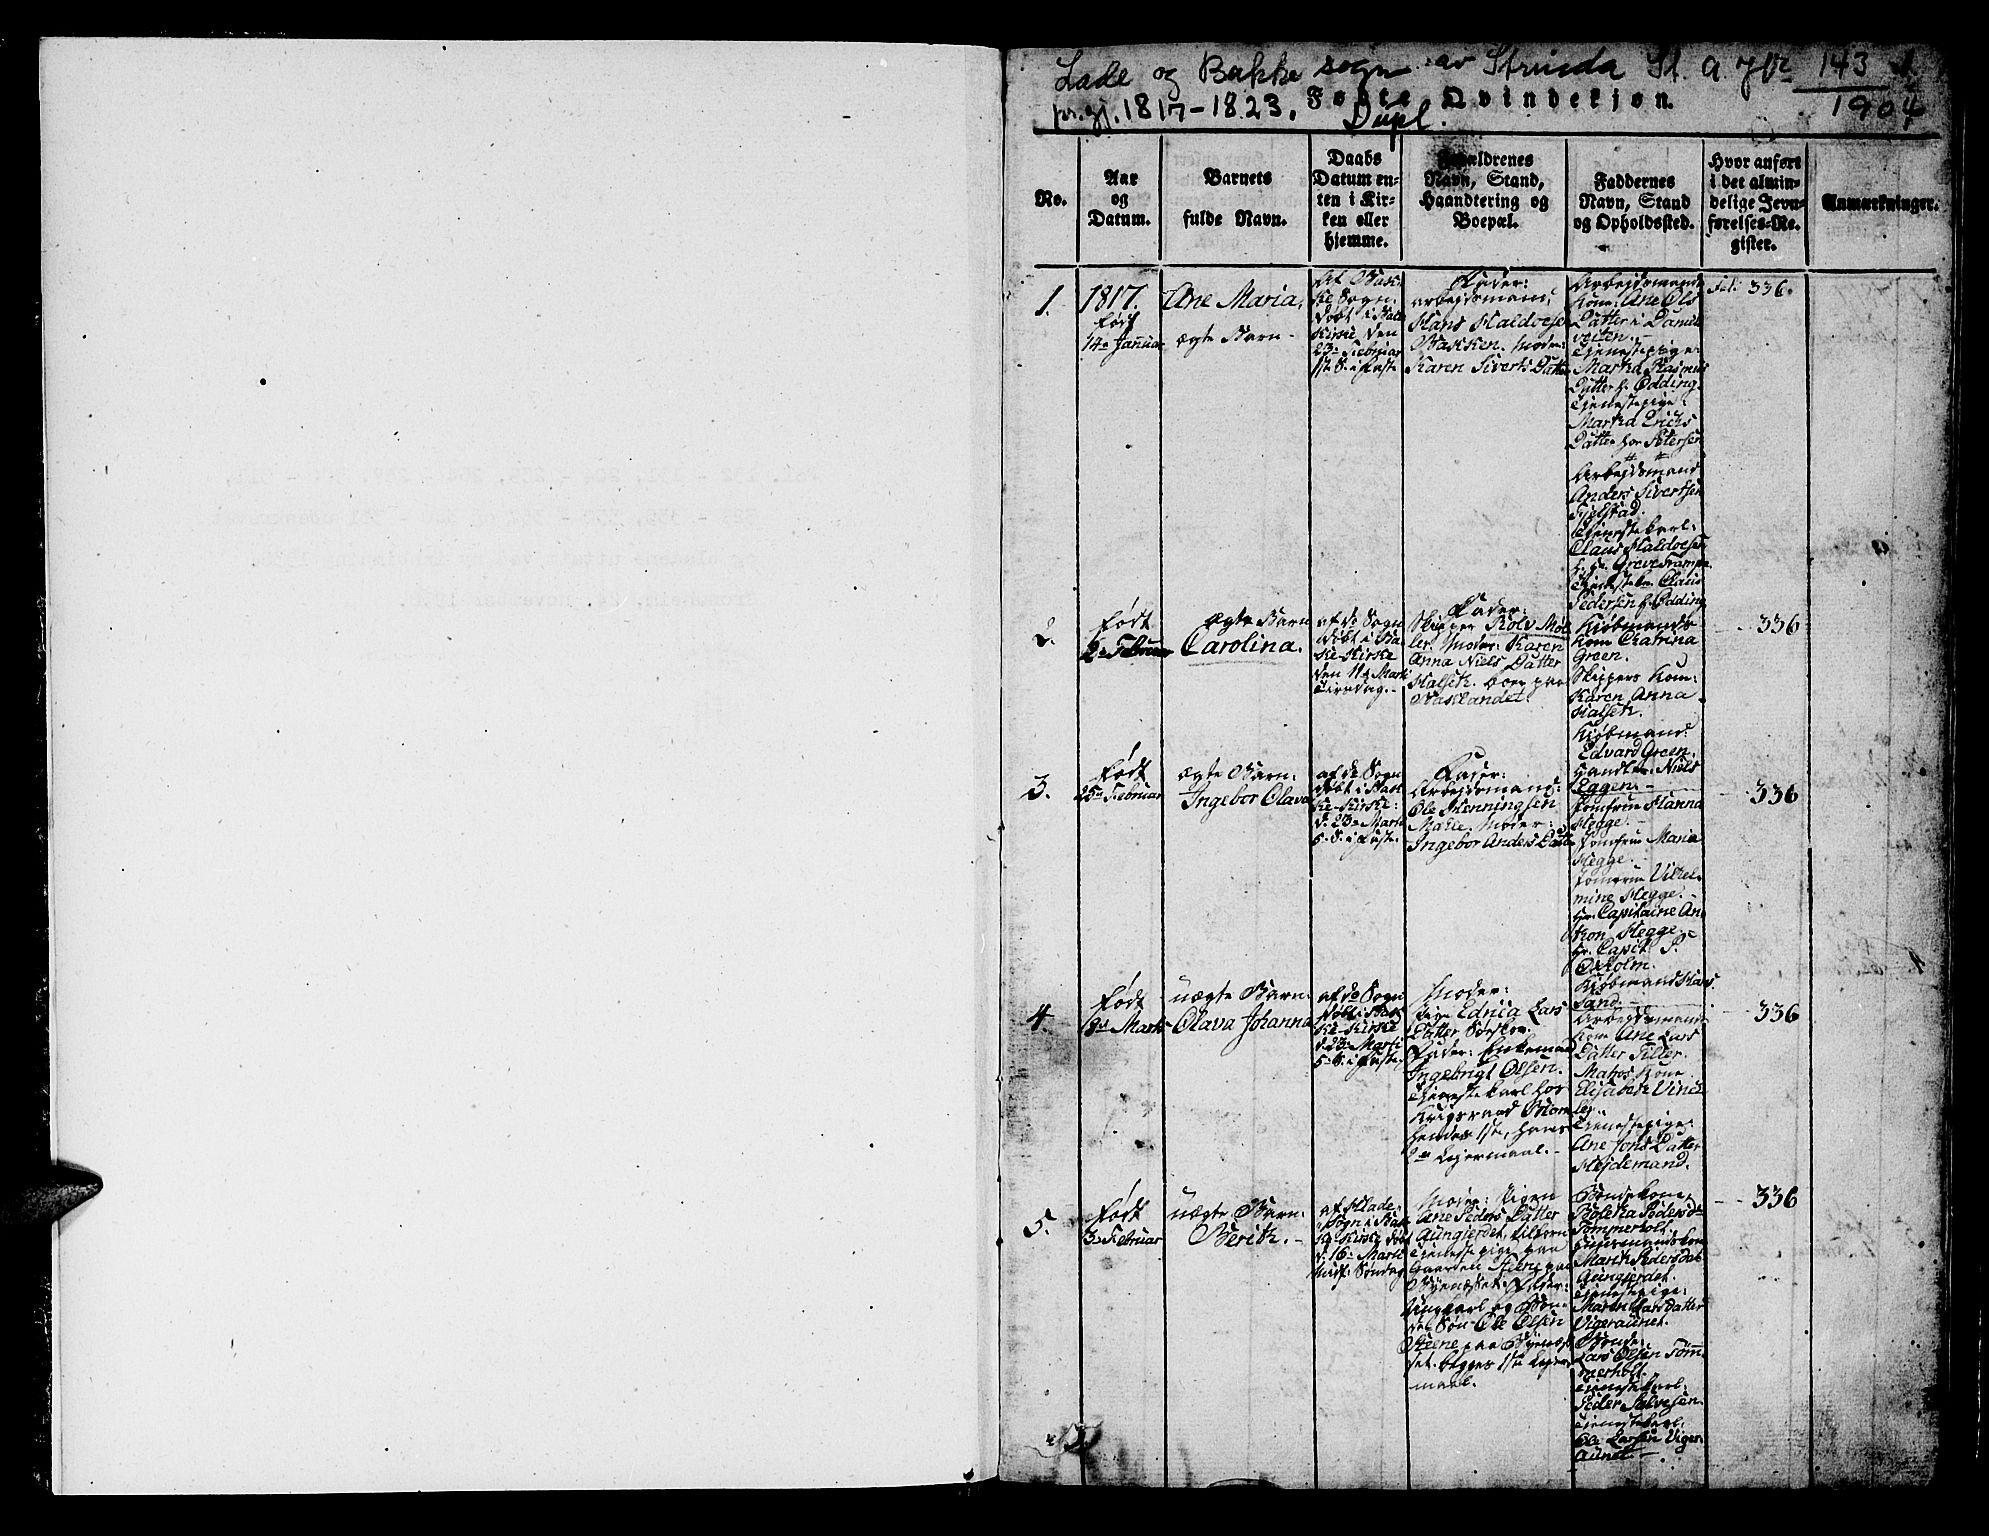 SAT, Ministerialprotokoller, klokkerbøker og fødselsregistre - Sør-Trøndelag, 606/L0307: Klokkerbok nr. 606C03, 1817-1824, s. 1